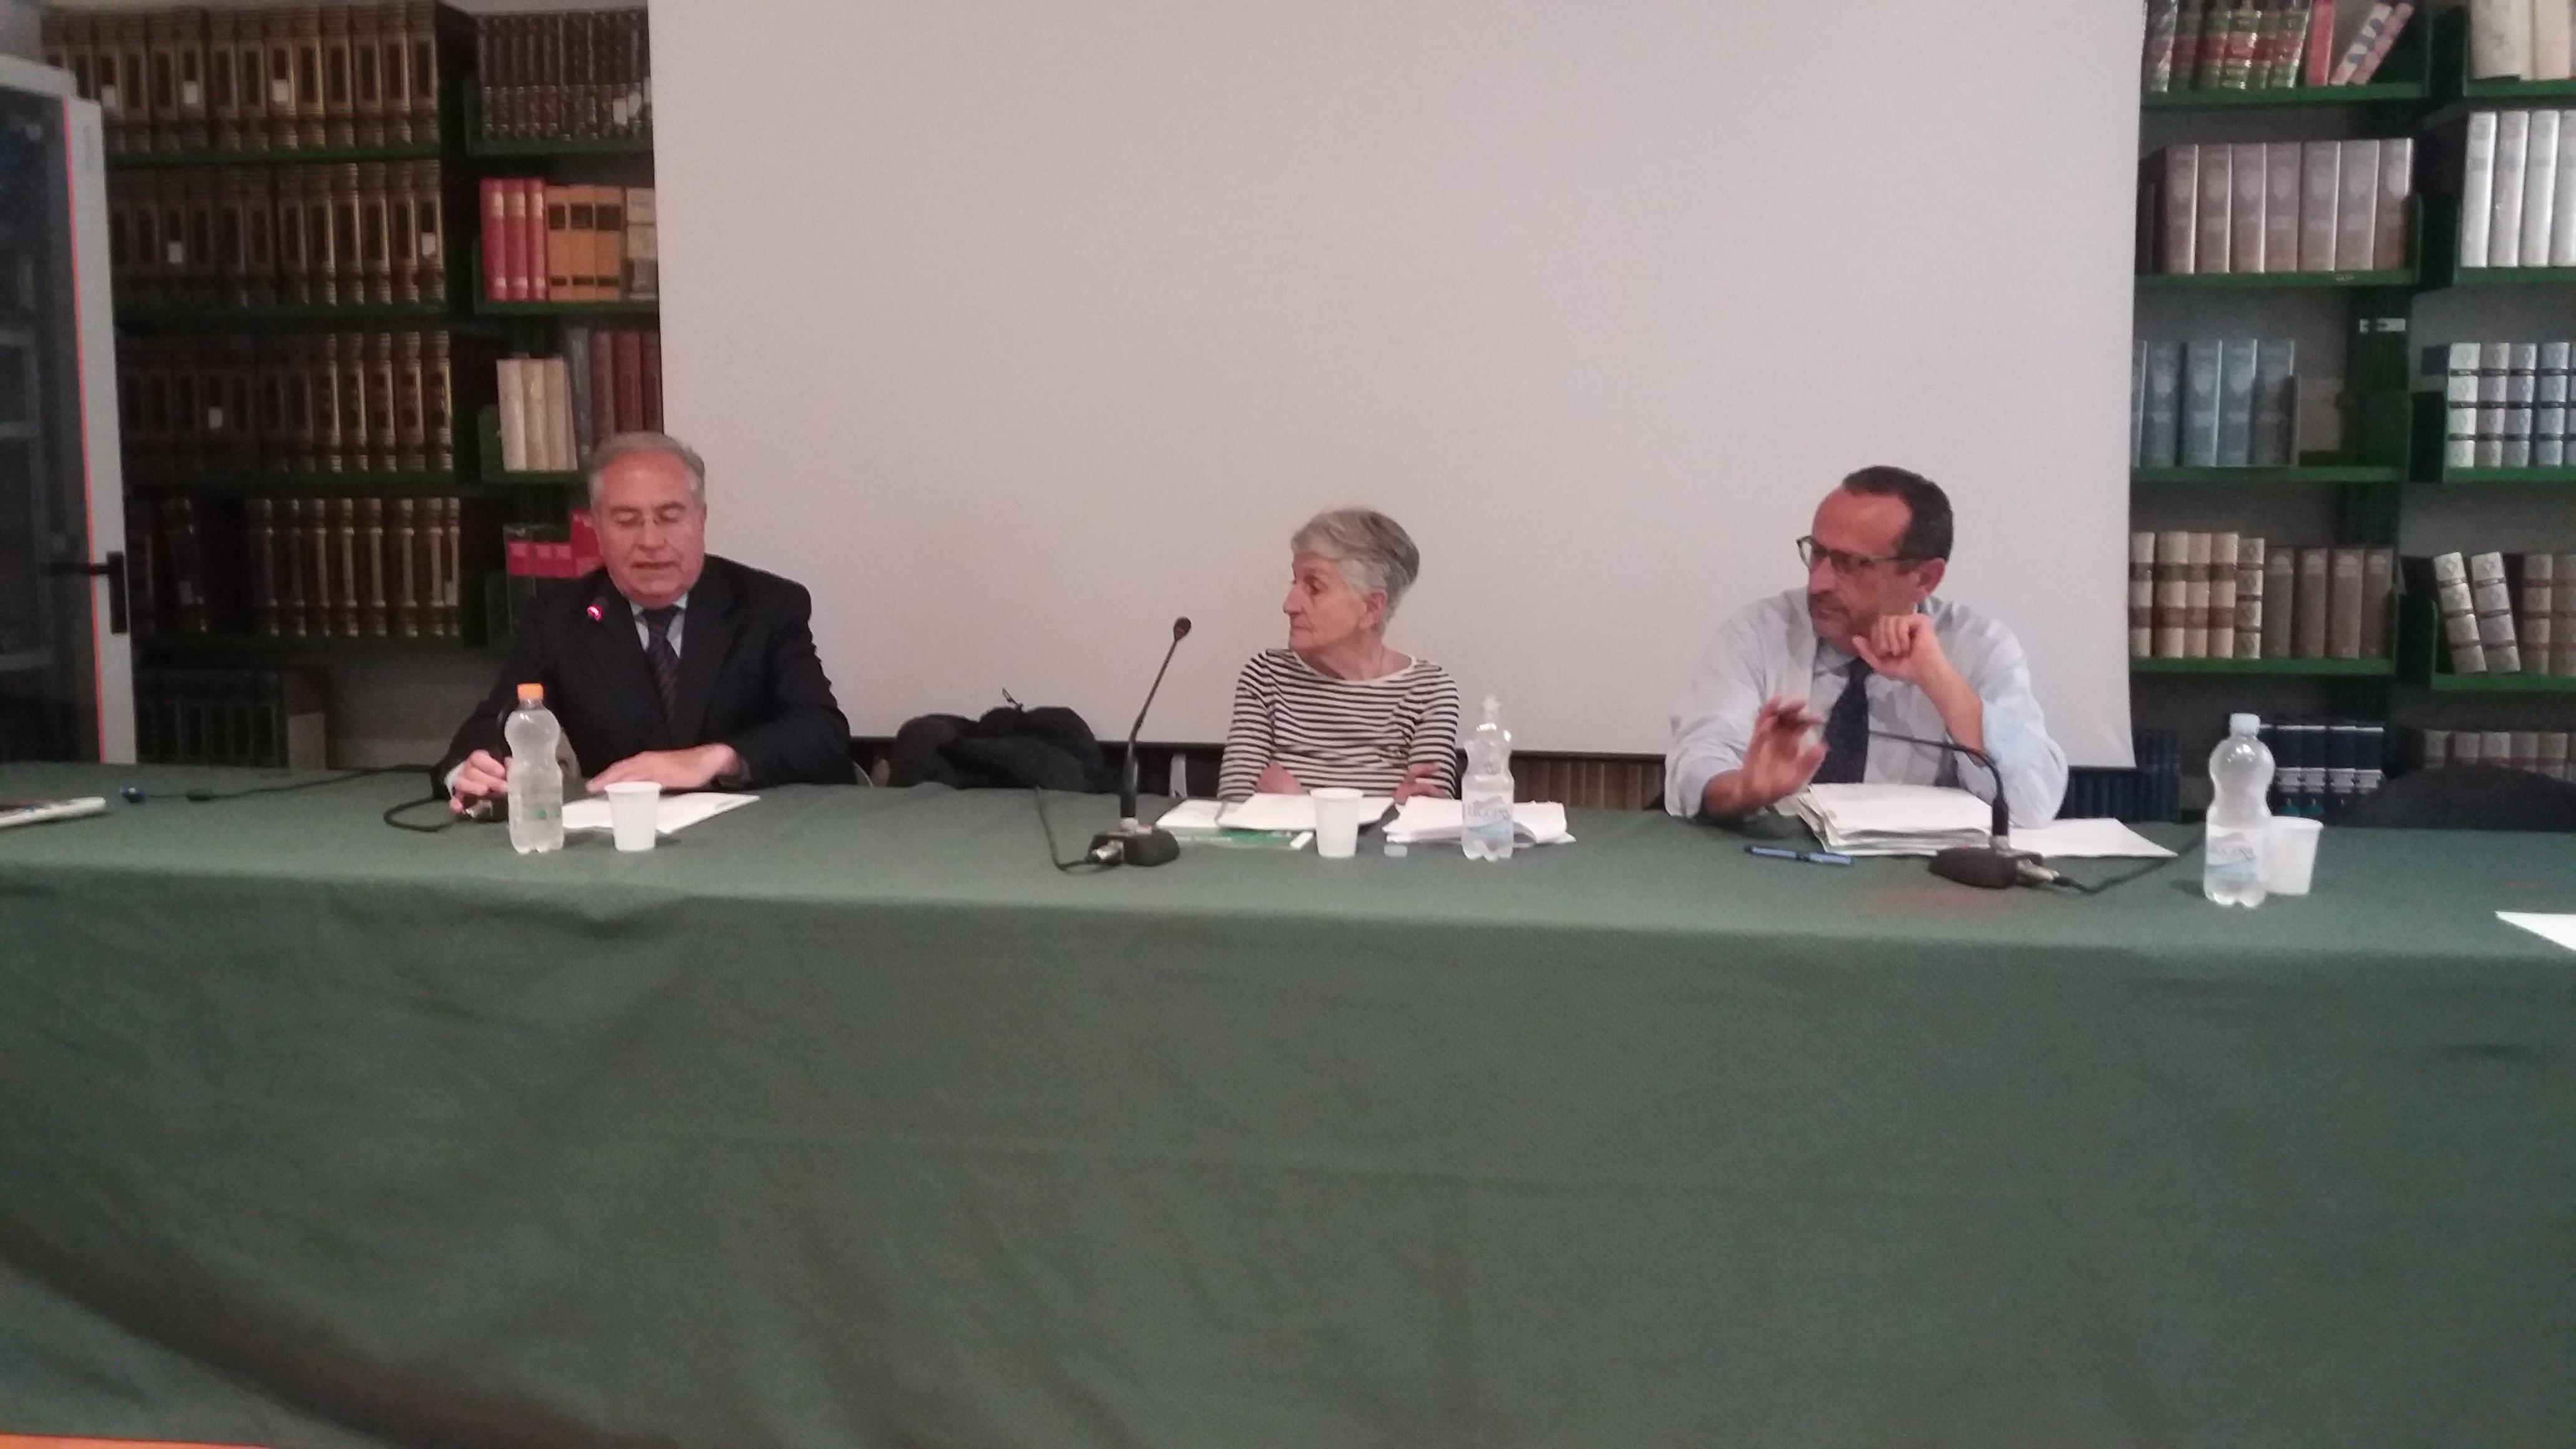 Benevento| Senza potere? A Benevento la leader del femminismo Lia Cigarini